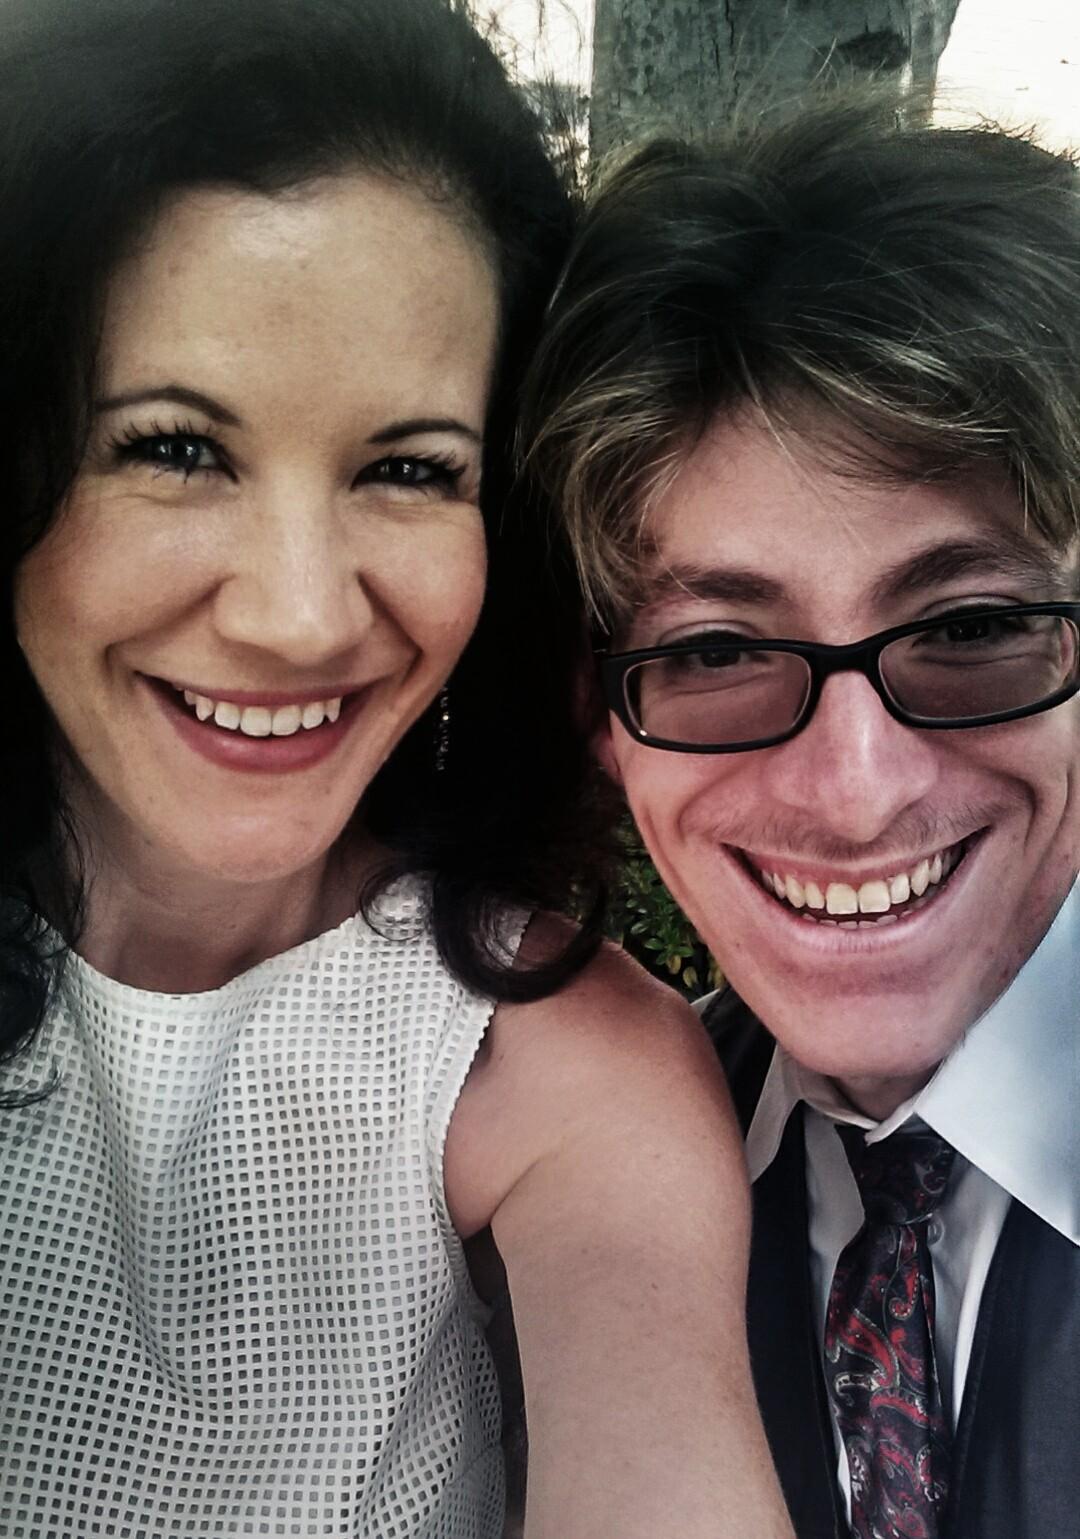 Lisa & Dylan, I Believe